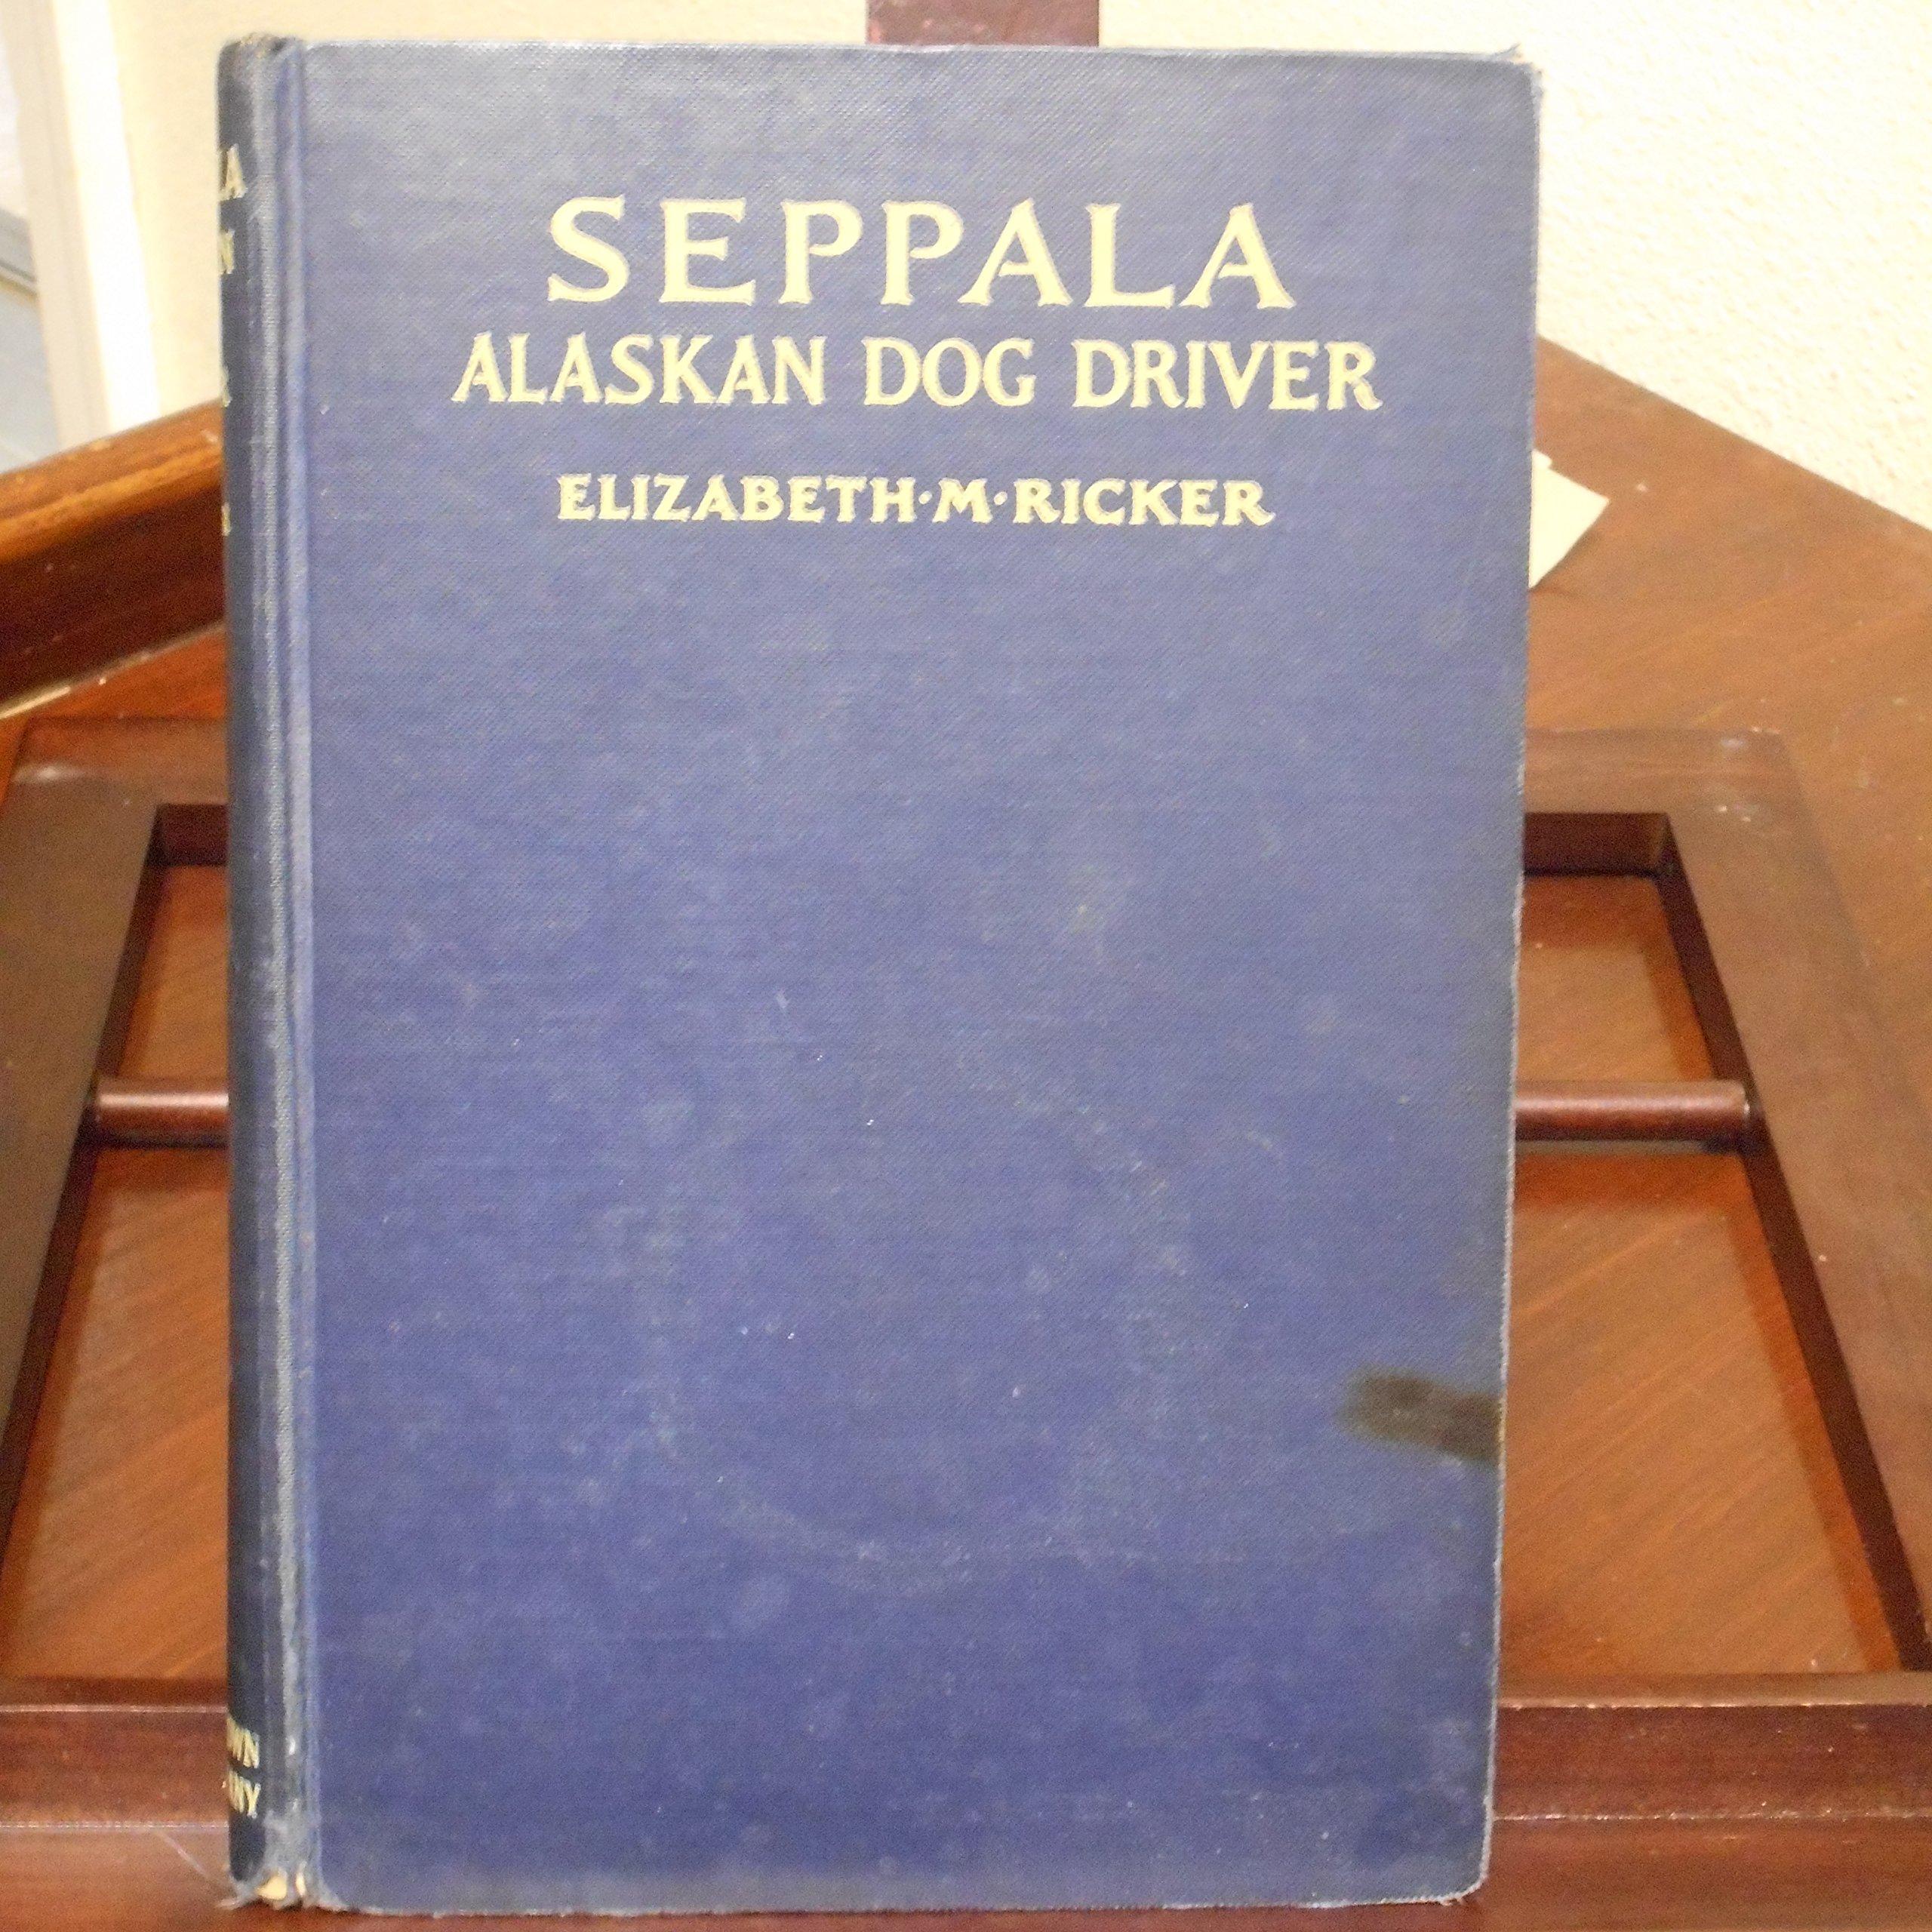 Seppala, Alaskan Dog Driver.